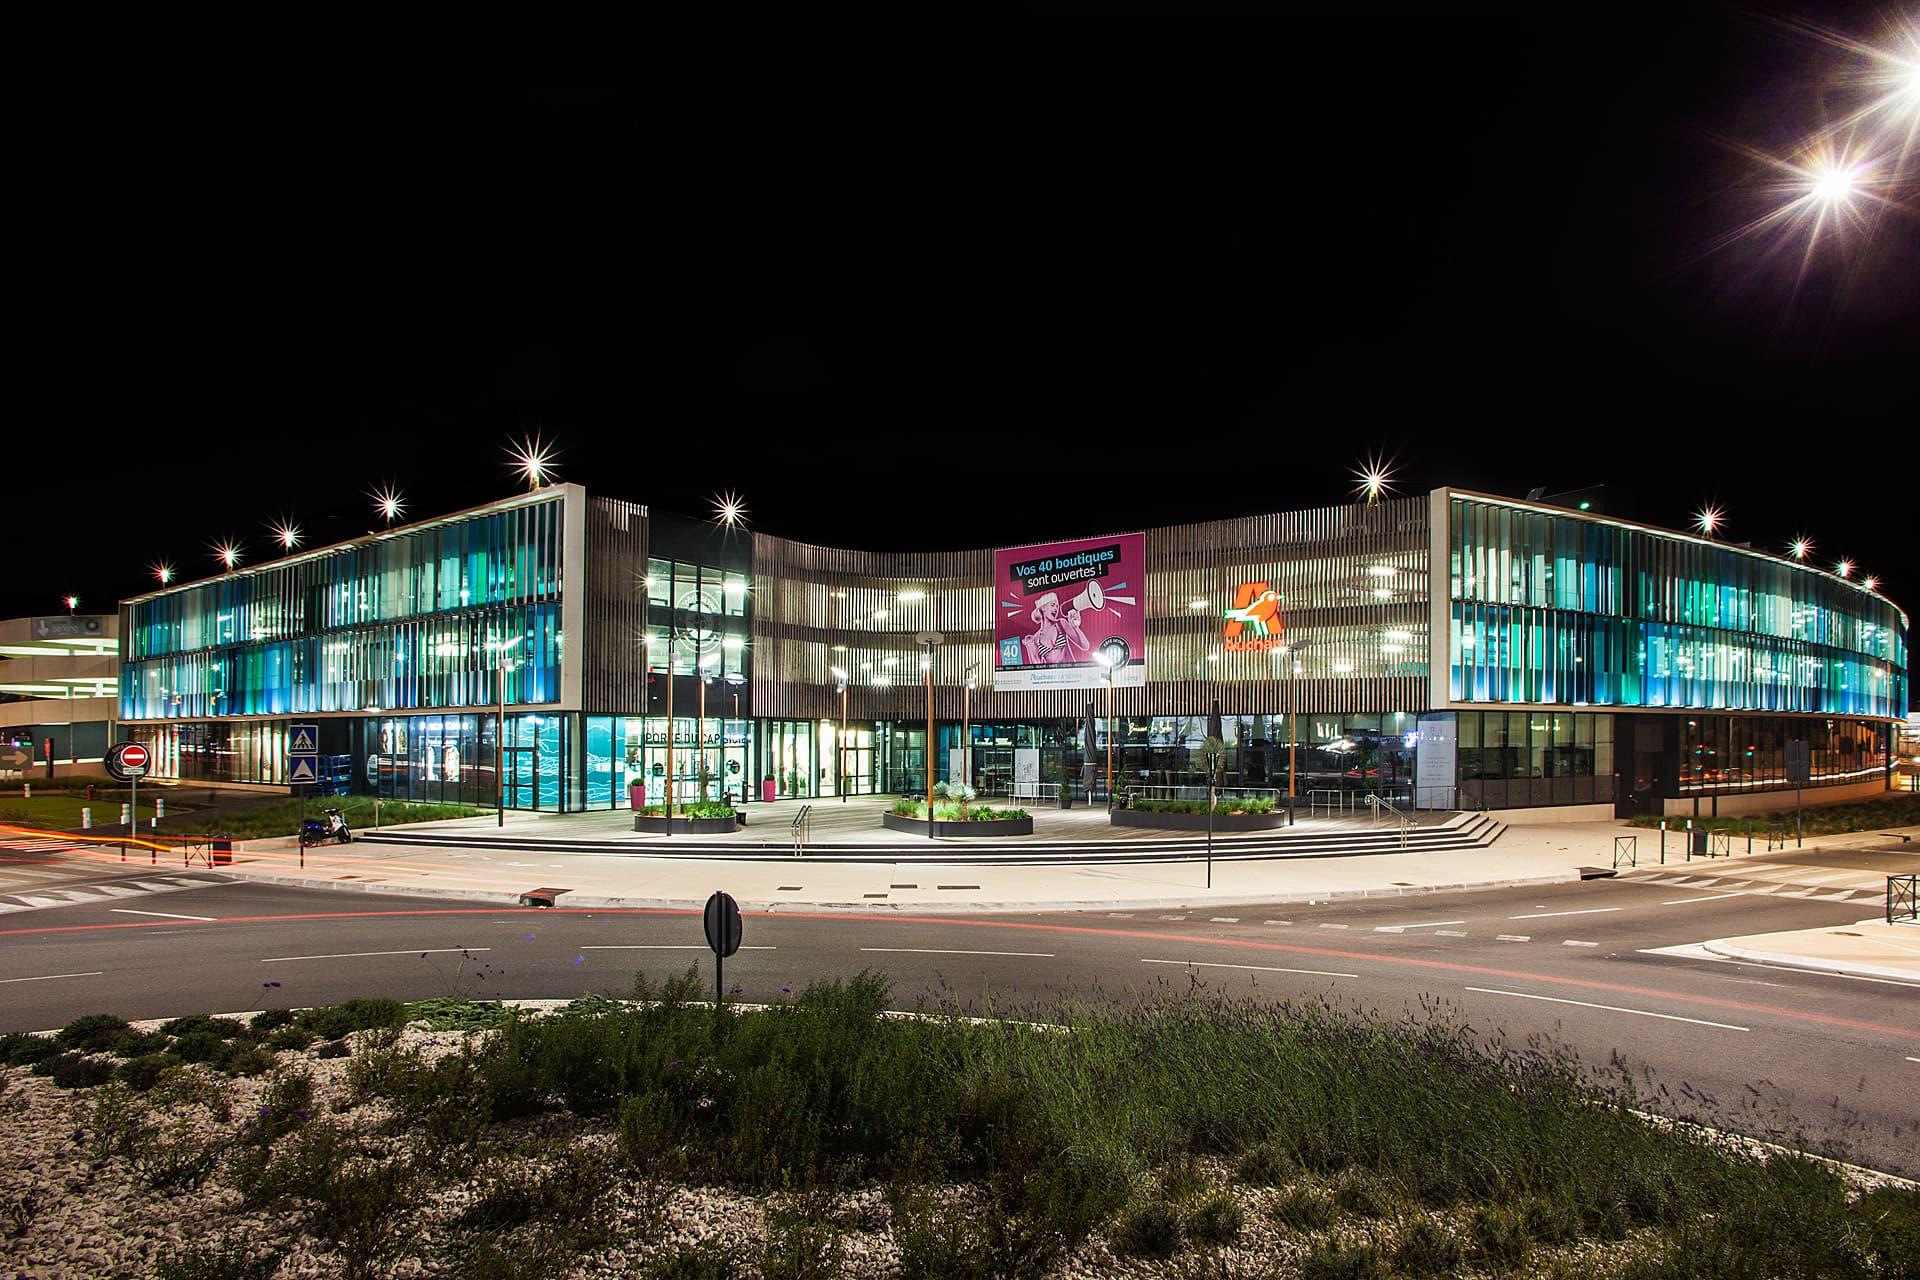 Vue d'ensemble de l'éclairage du centre commerciale Auchan La seyne sur mer